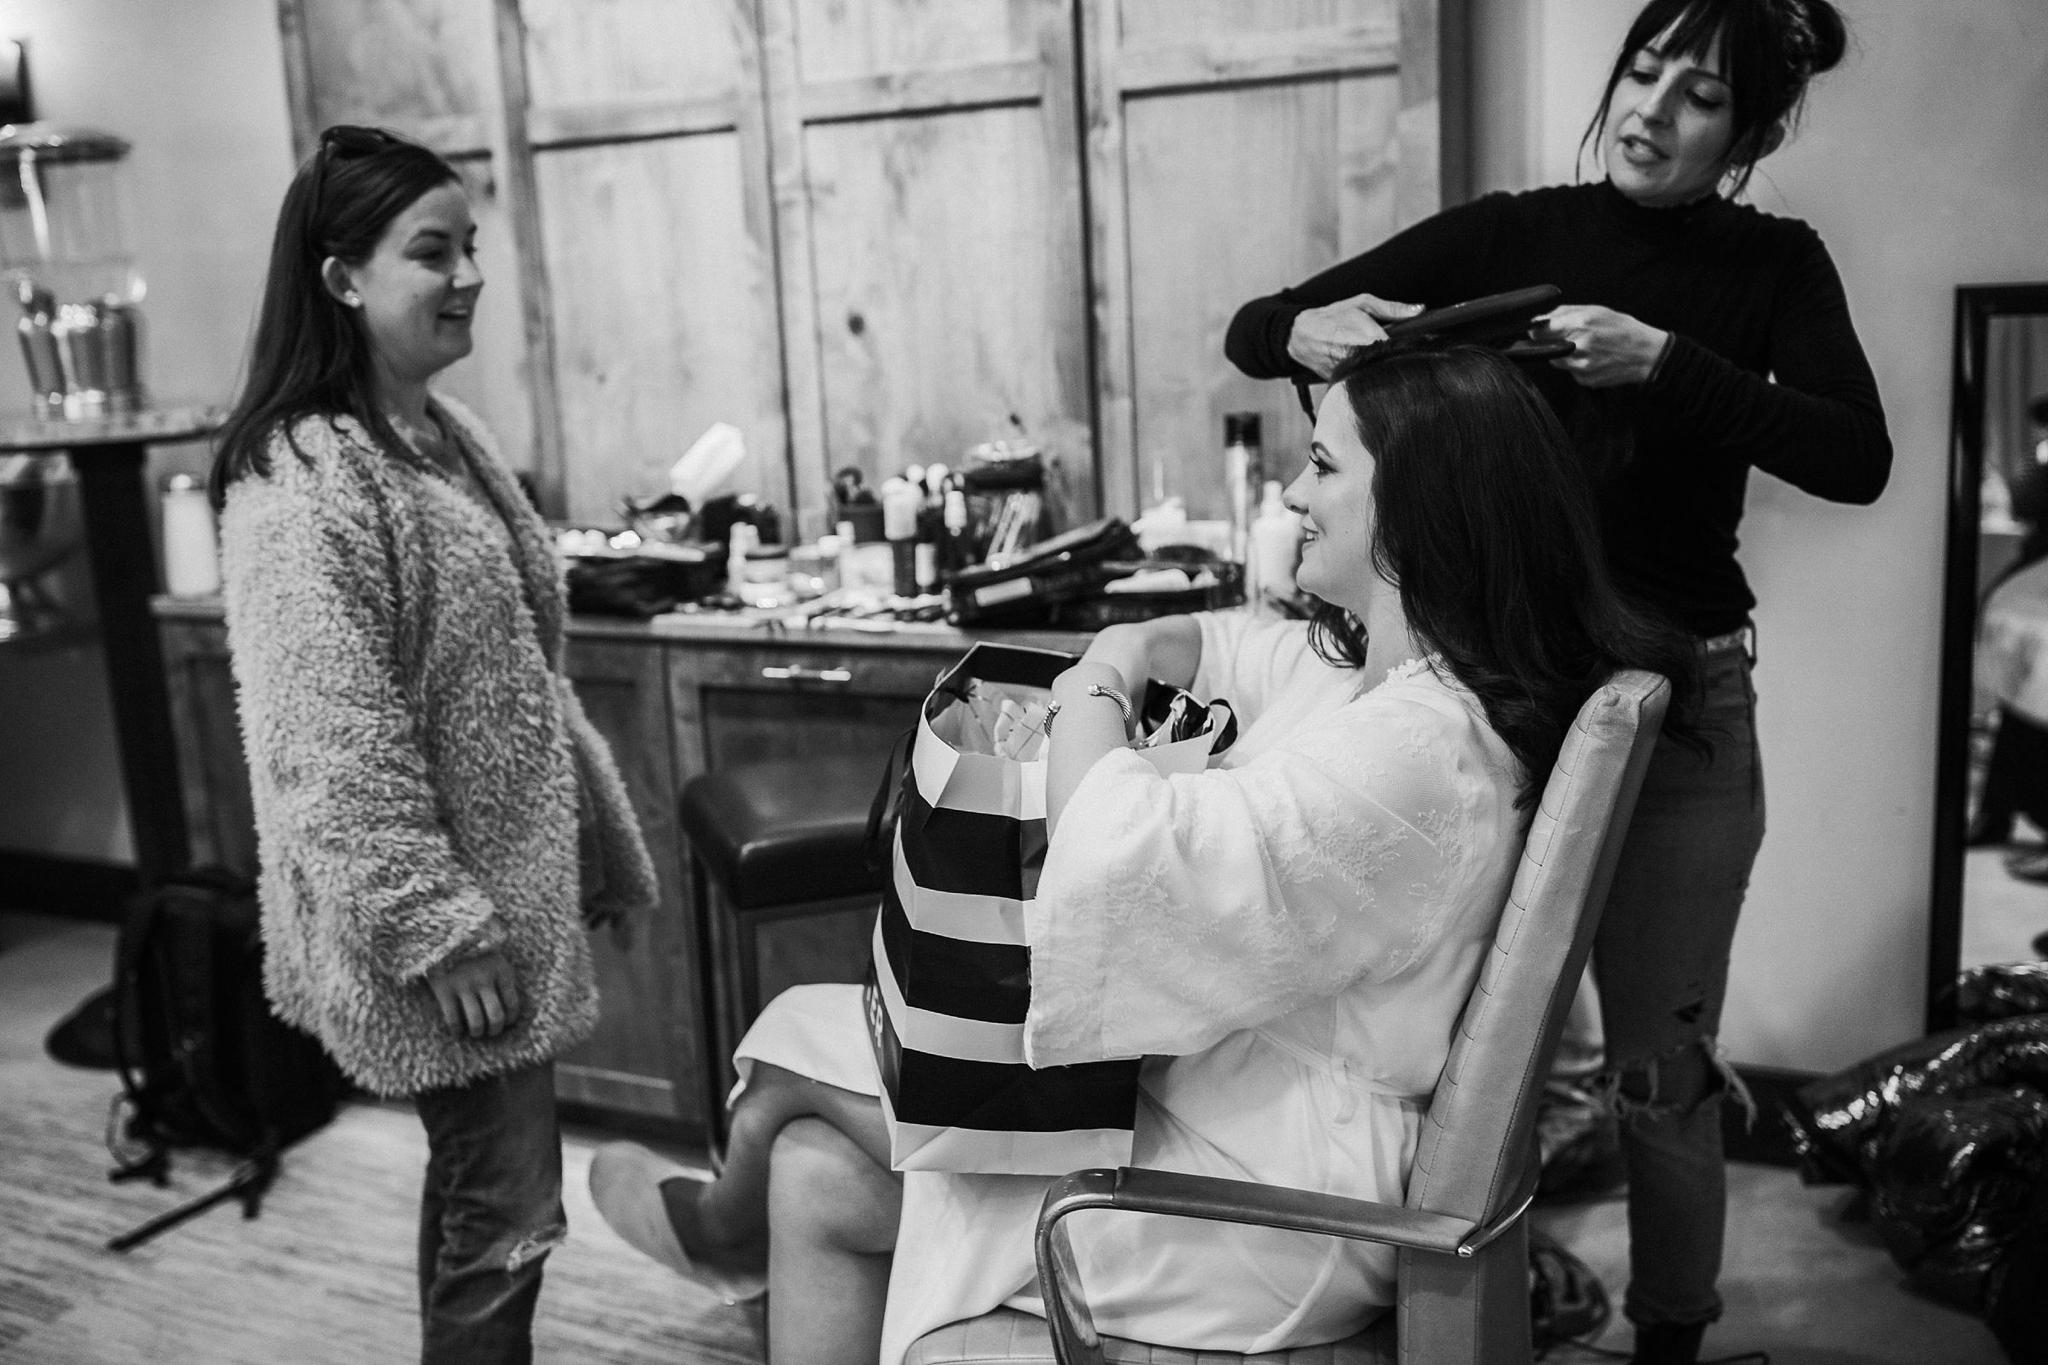 Alicia+lucia+photography+-+albuquerque+wedding+photographer+-+santa+fe+wedding+photography+-+new+mexico+wedding+photographer+-+new+mexico+wedding+-+new+mexico+wedding+-+new+mexico+mua+hairstylist+-+genica+lee+hair+makeup_0025.jpg